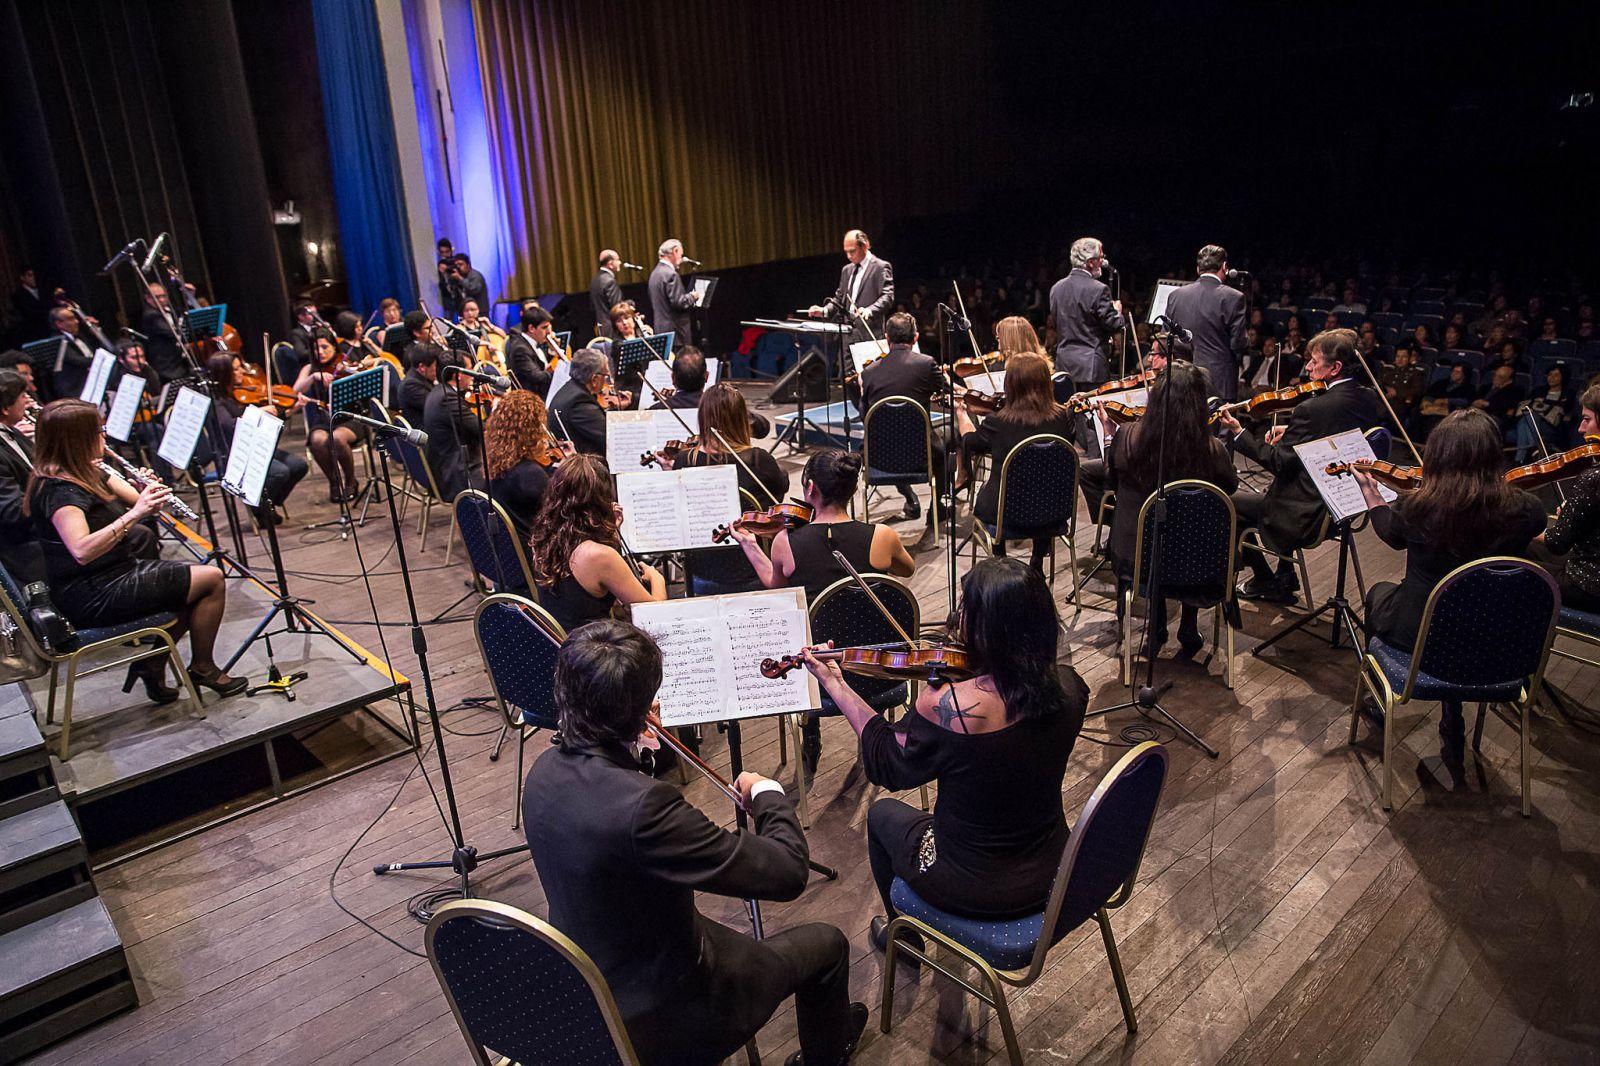 orquesta-sinfonica-celebrara-con-un-concierto-el-aniversario-32-de-la-cca